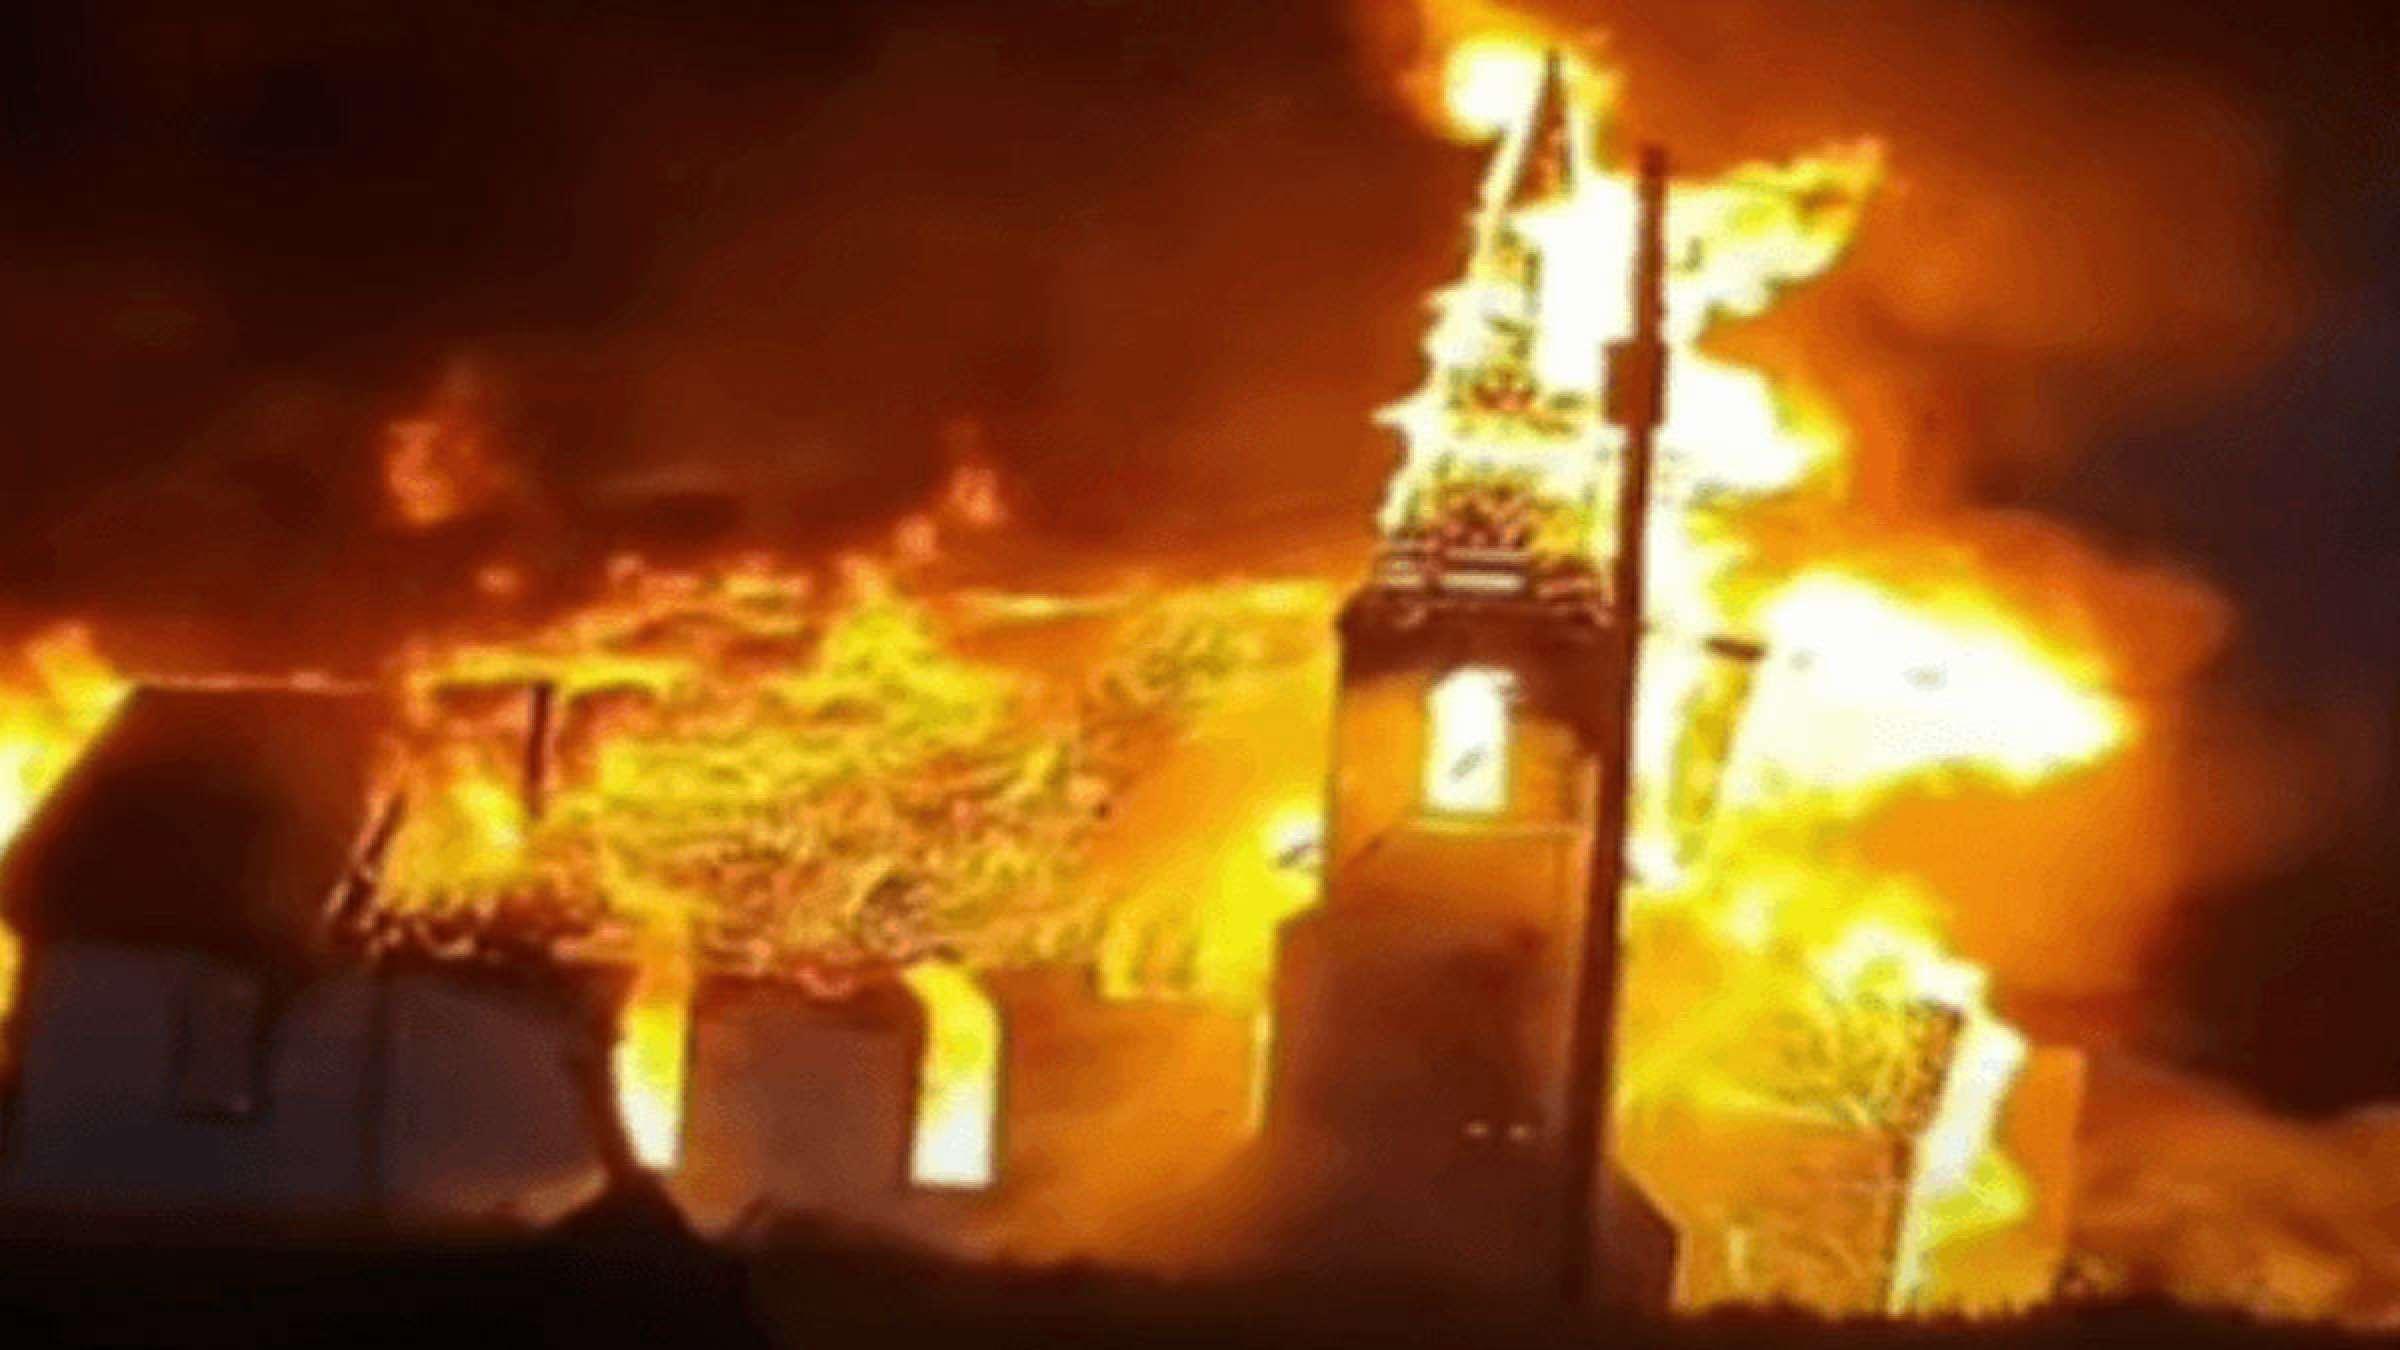 بومیان کانادا: کلیساها را آتش نزنید، کلیسای کاتولیک باید رسما عذرخواهی کند